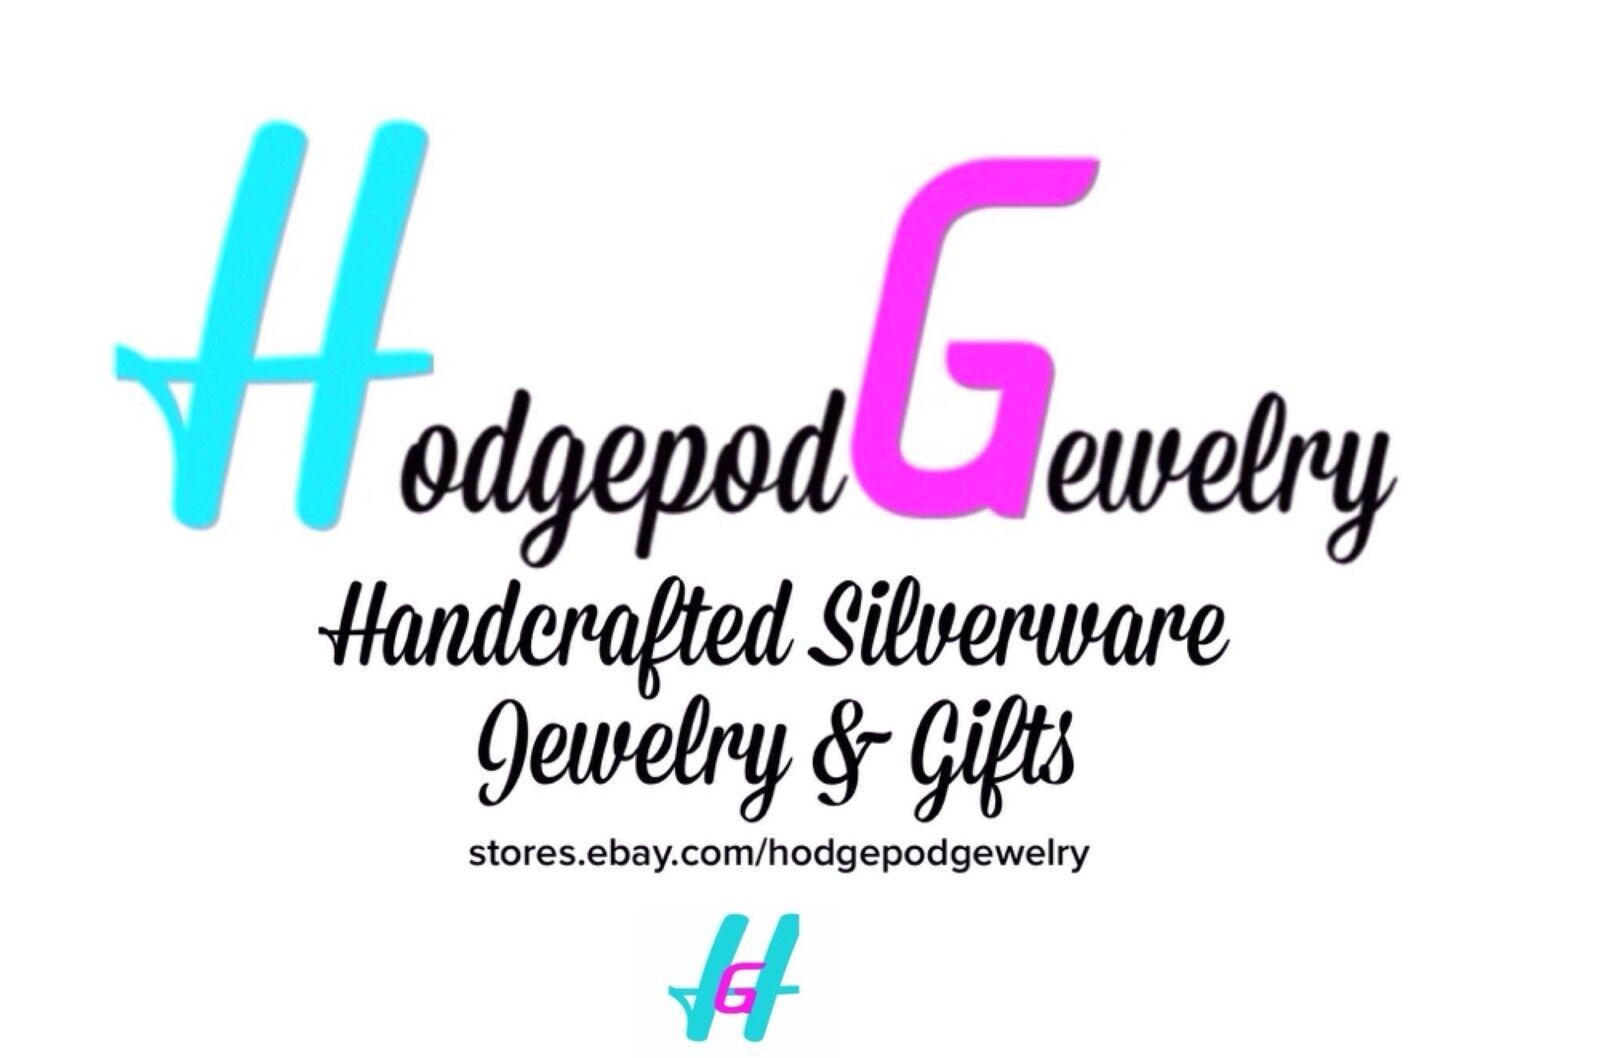 Hodgepodgewelry